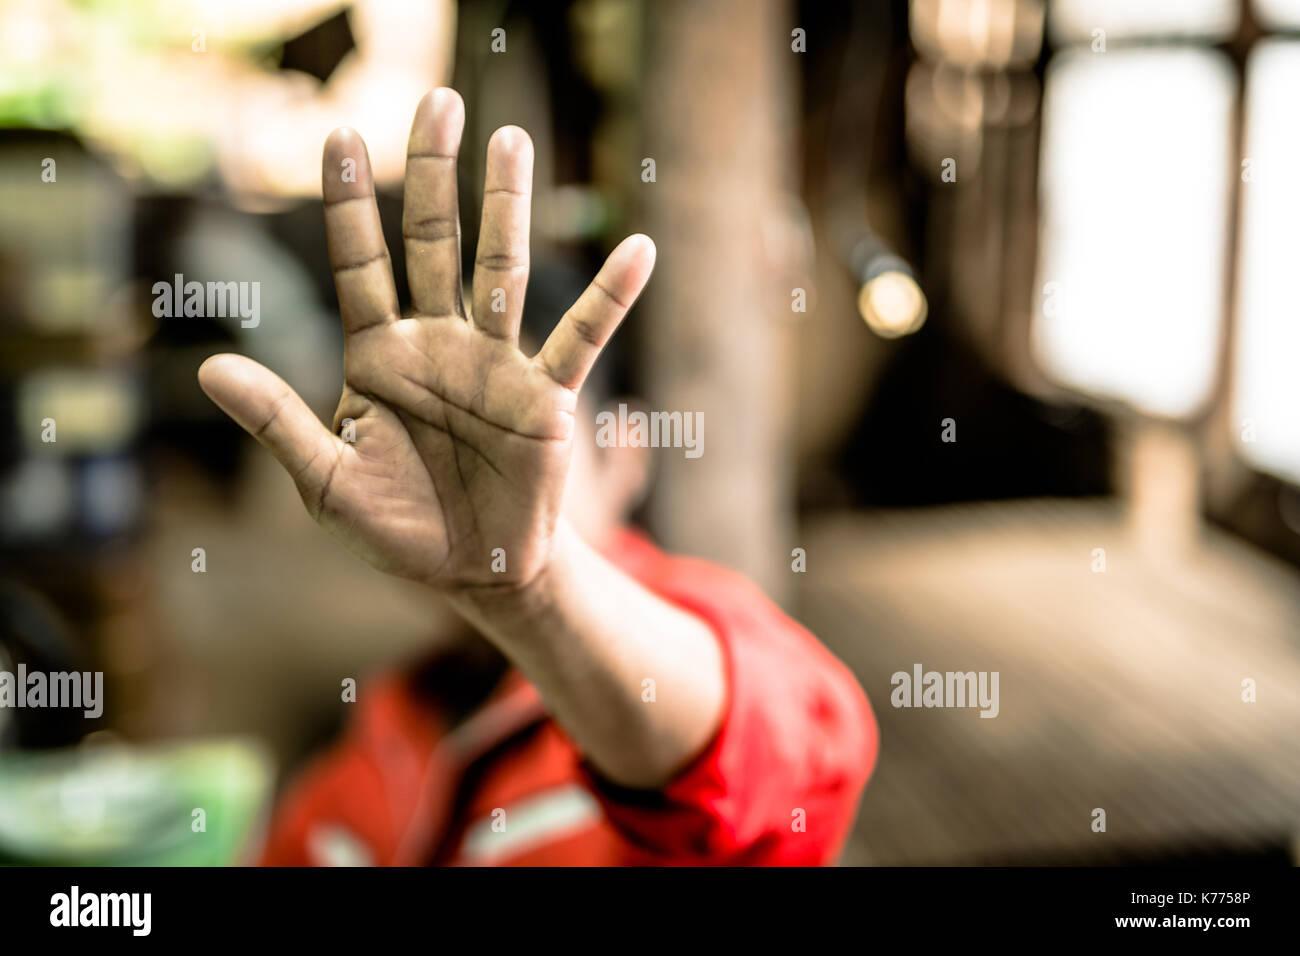 Abusando di arresto boy violenza bambini schiavi in angolo image blur , la giornata dei diritti umani del concetto. Immagini Stock